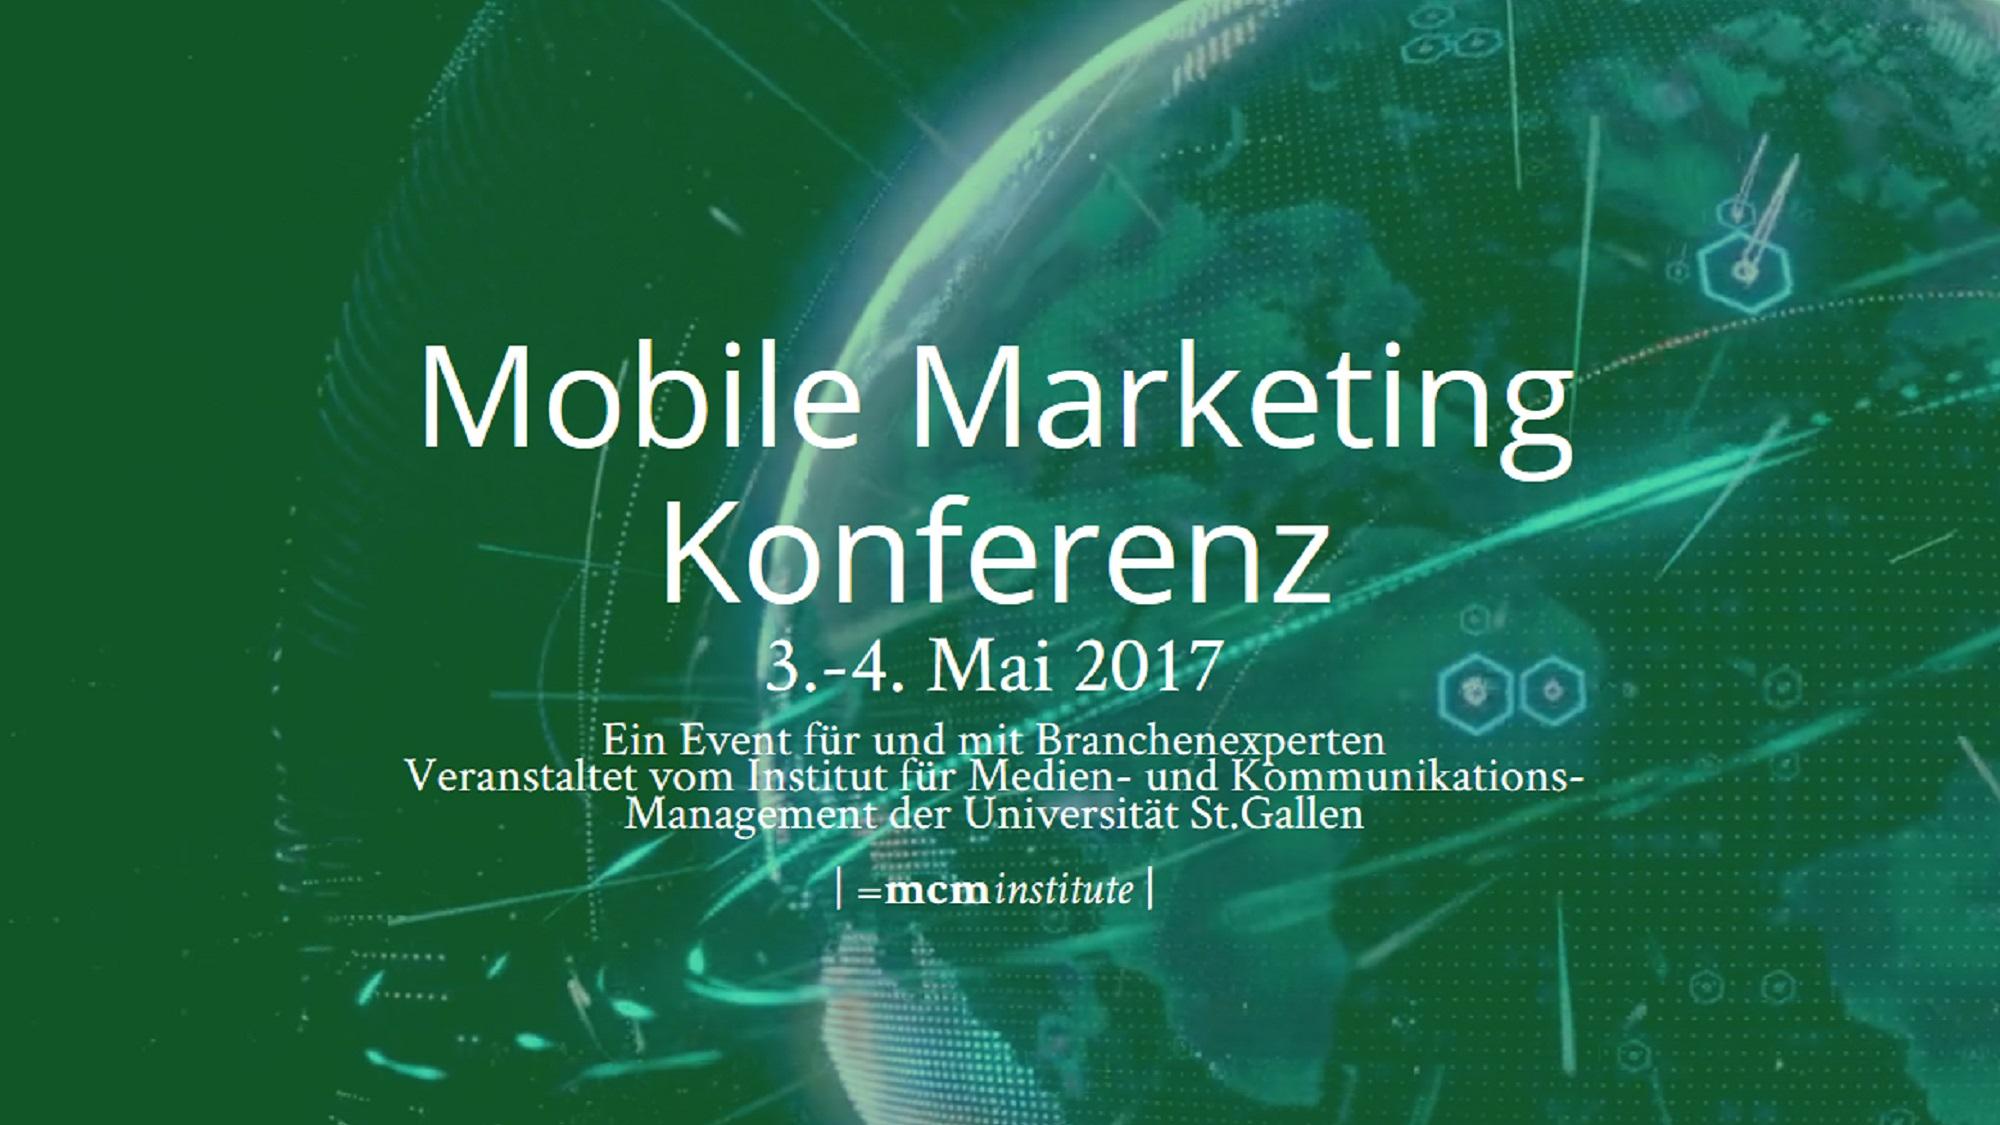 Banner der Mobile Marketing Konferenz mit grüner Erde aus dem All, Kommunikations-Ringe umgeben die Erde